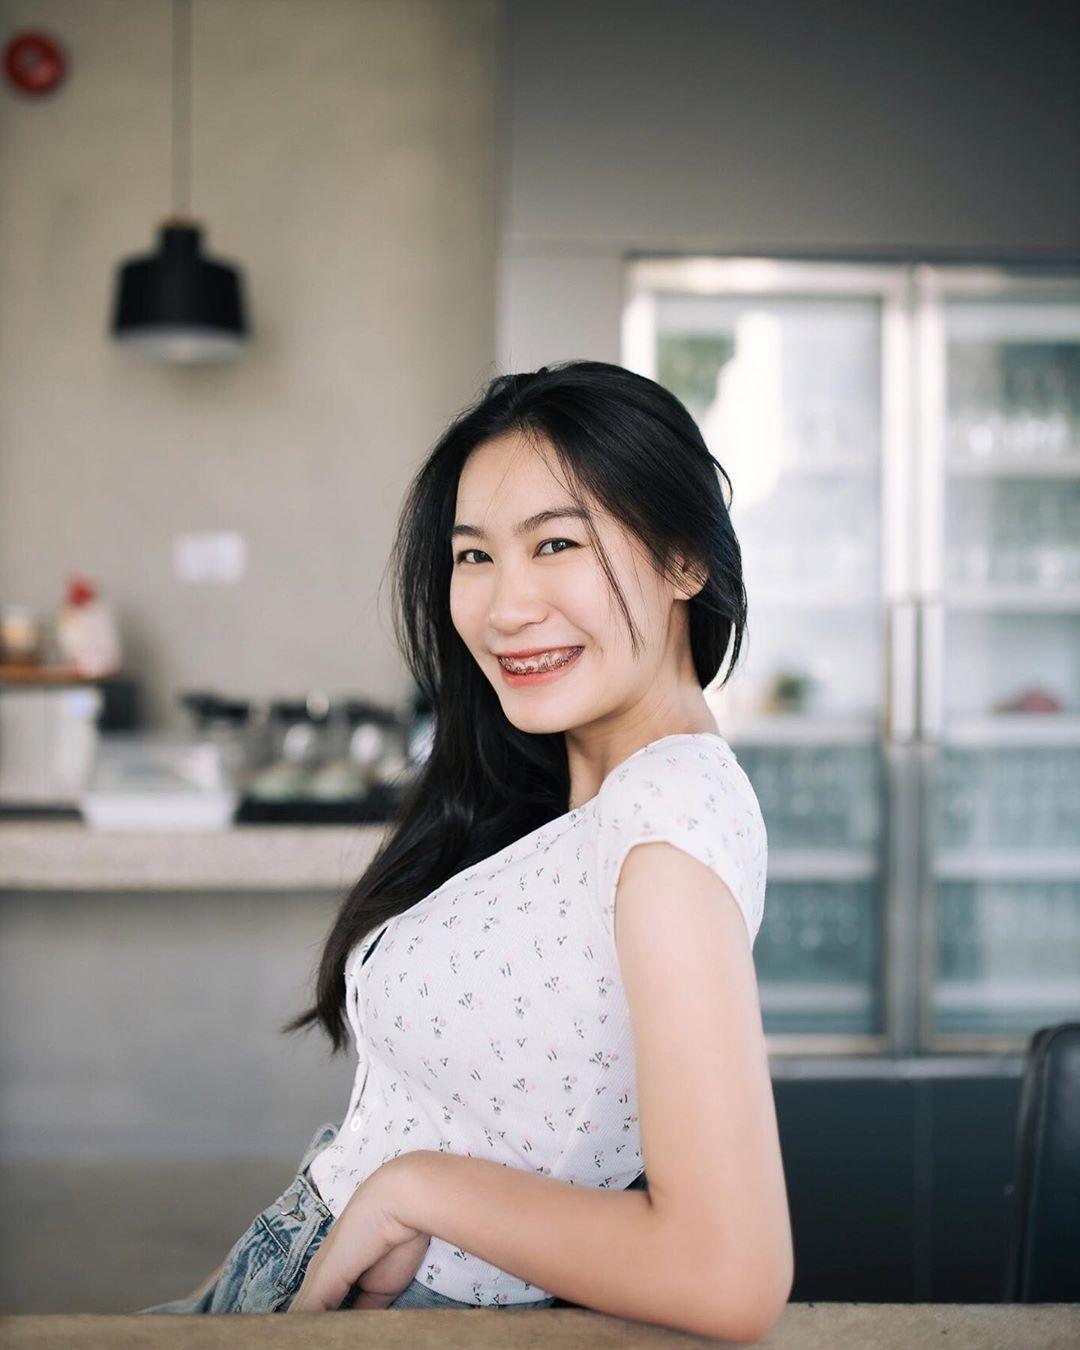 น้องเบ๊นซ์ MLIVE ผู้มาสร้างความปั่นป่วนให้กับโลกโซเชียลในตอนนี้ กับความสวยเซ็กซี่ เผ็ดจี๊ดของนาง - Sirinyatorn Kusapan sirinsp